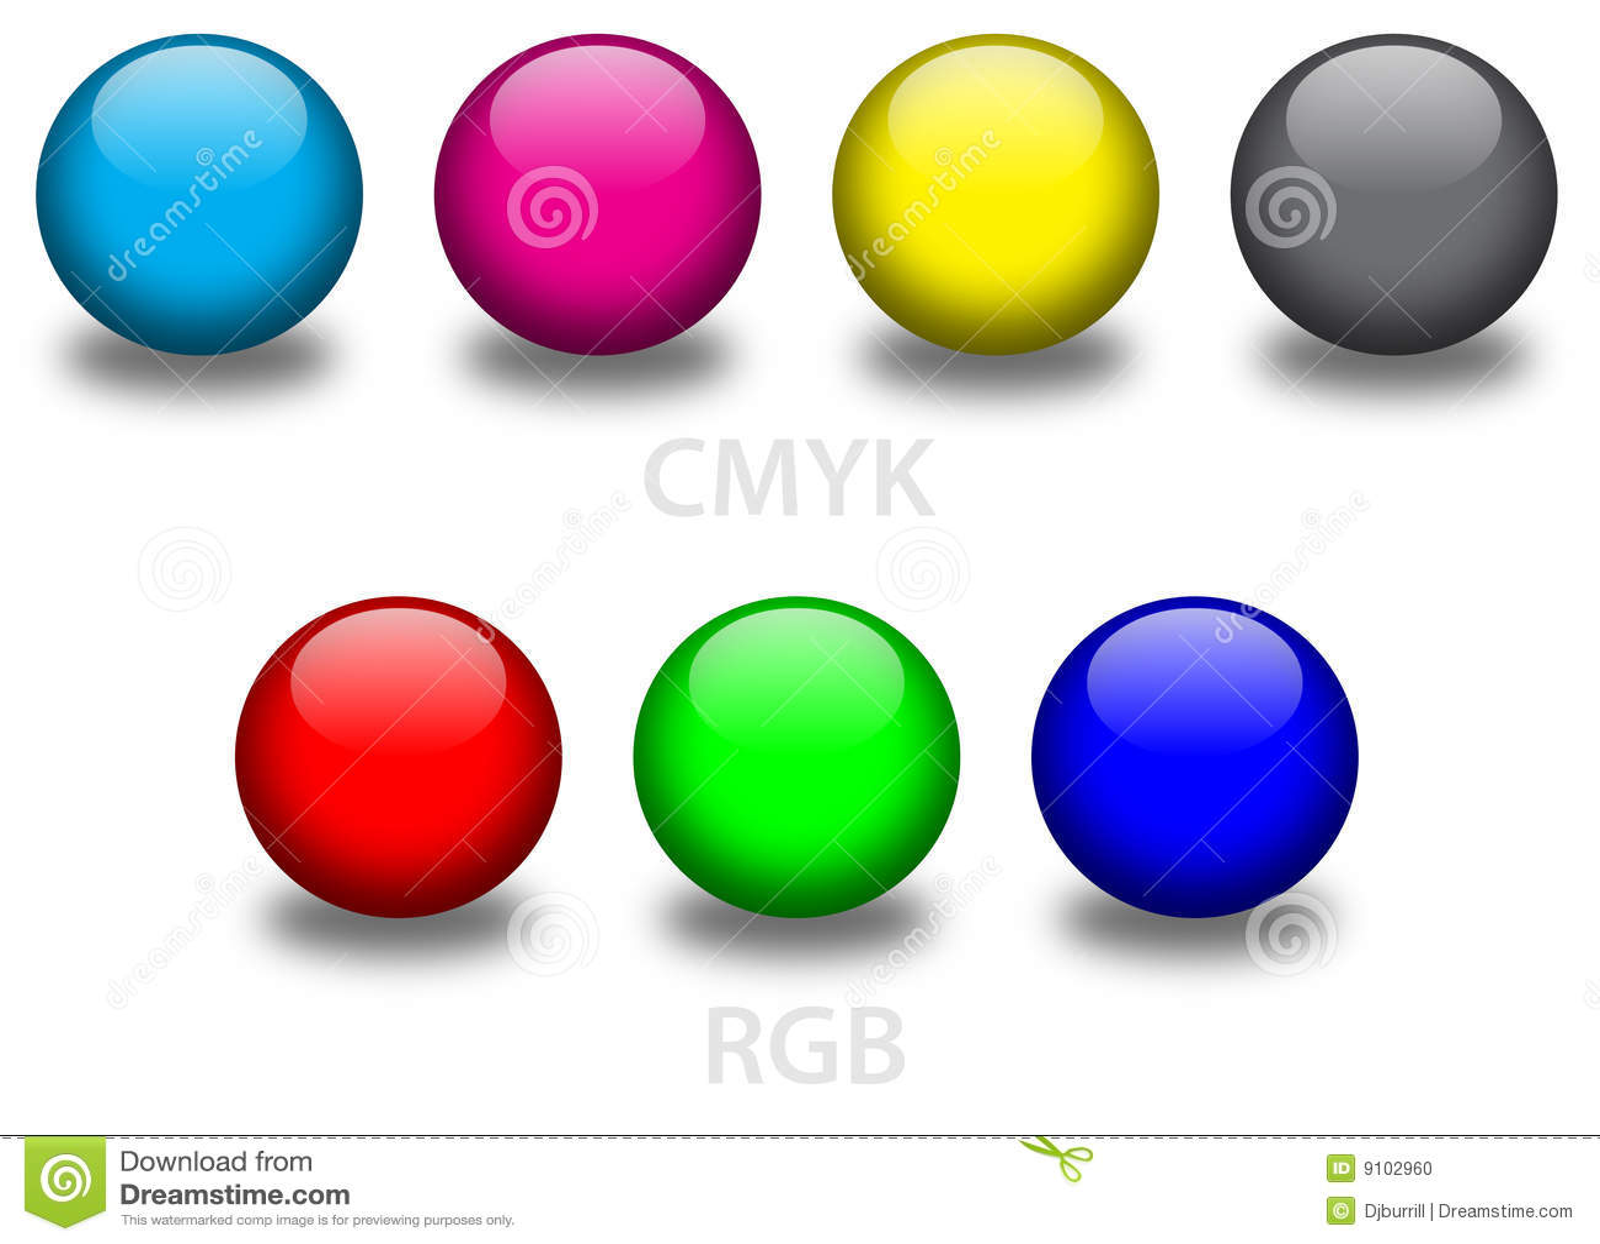 CMYK und RGB-Glaskugeln